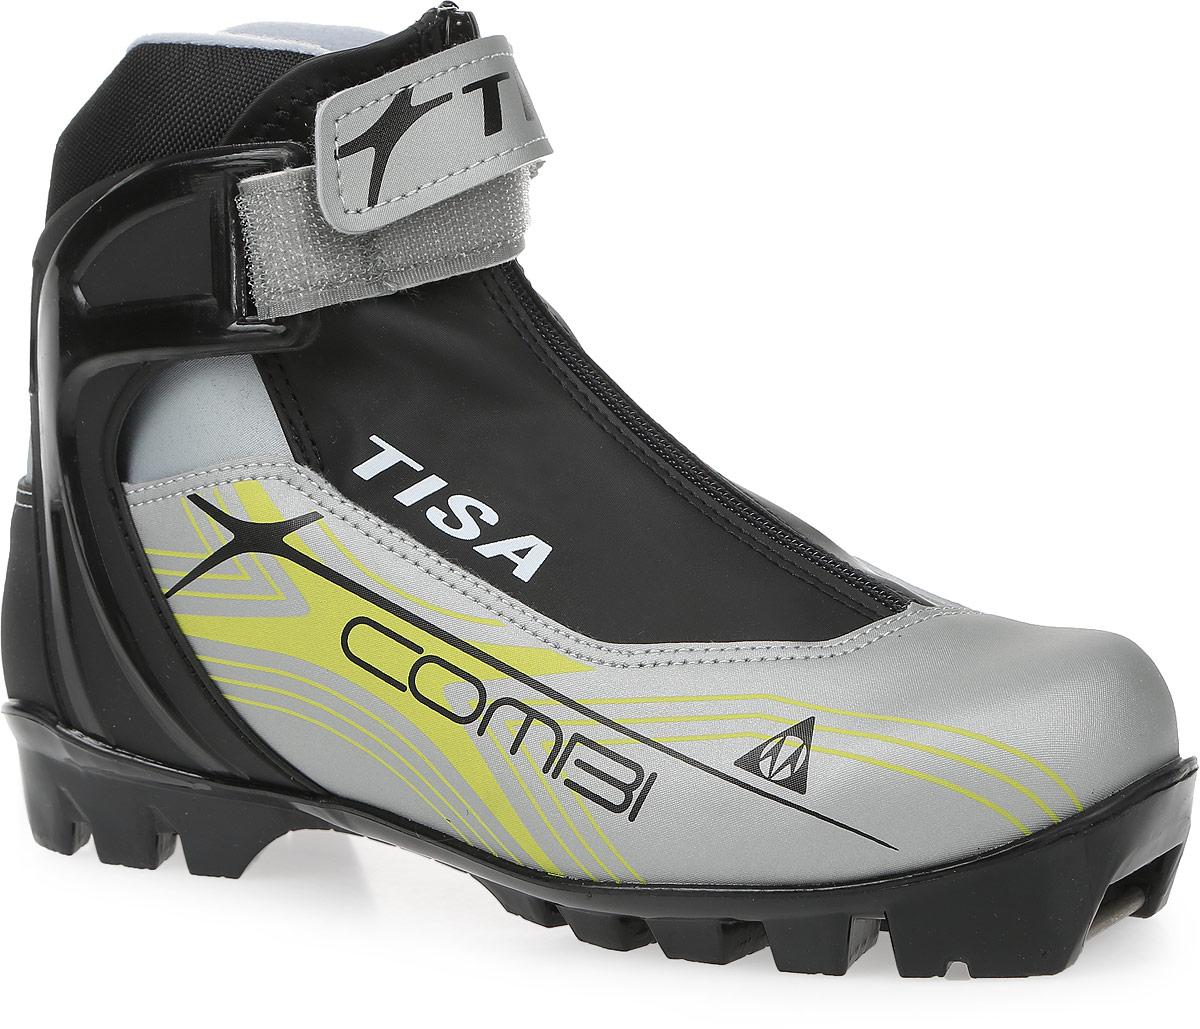 Ботинки лыжные беговые Tisa Combi NNN, цвет: черный, серый, салатовый. Размер 41S75715Лыжные ботинки Tisa Combi NNN выполнены из искусственных материалов в классическом стиле и предназначены для лыжных прогулок и туризма. Язык защищен текстильной вставкой на застежке-молнии. Подкладка, исполненная из мягкого флиса и искусственного меха, защитит ноги от холода и обеспечит уют. Верх изделия оформлен удобной шнуровкой с петлями из текстиля. Вставки в мысовой и пяточной частях предназначены для дополнительной жесткости. Манжета Control Cuff поддерживает голеностоп. Подошва системы NNN выполнена из полимерного термопластичного материала. С одной из боковых сторон лыжные ботинки дополнены принтом в виде логотипа бренда.